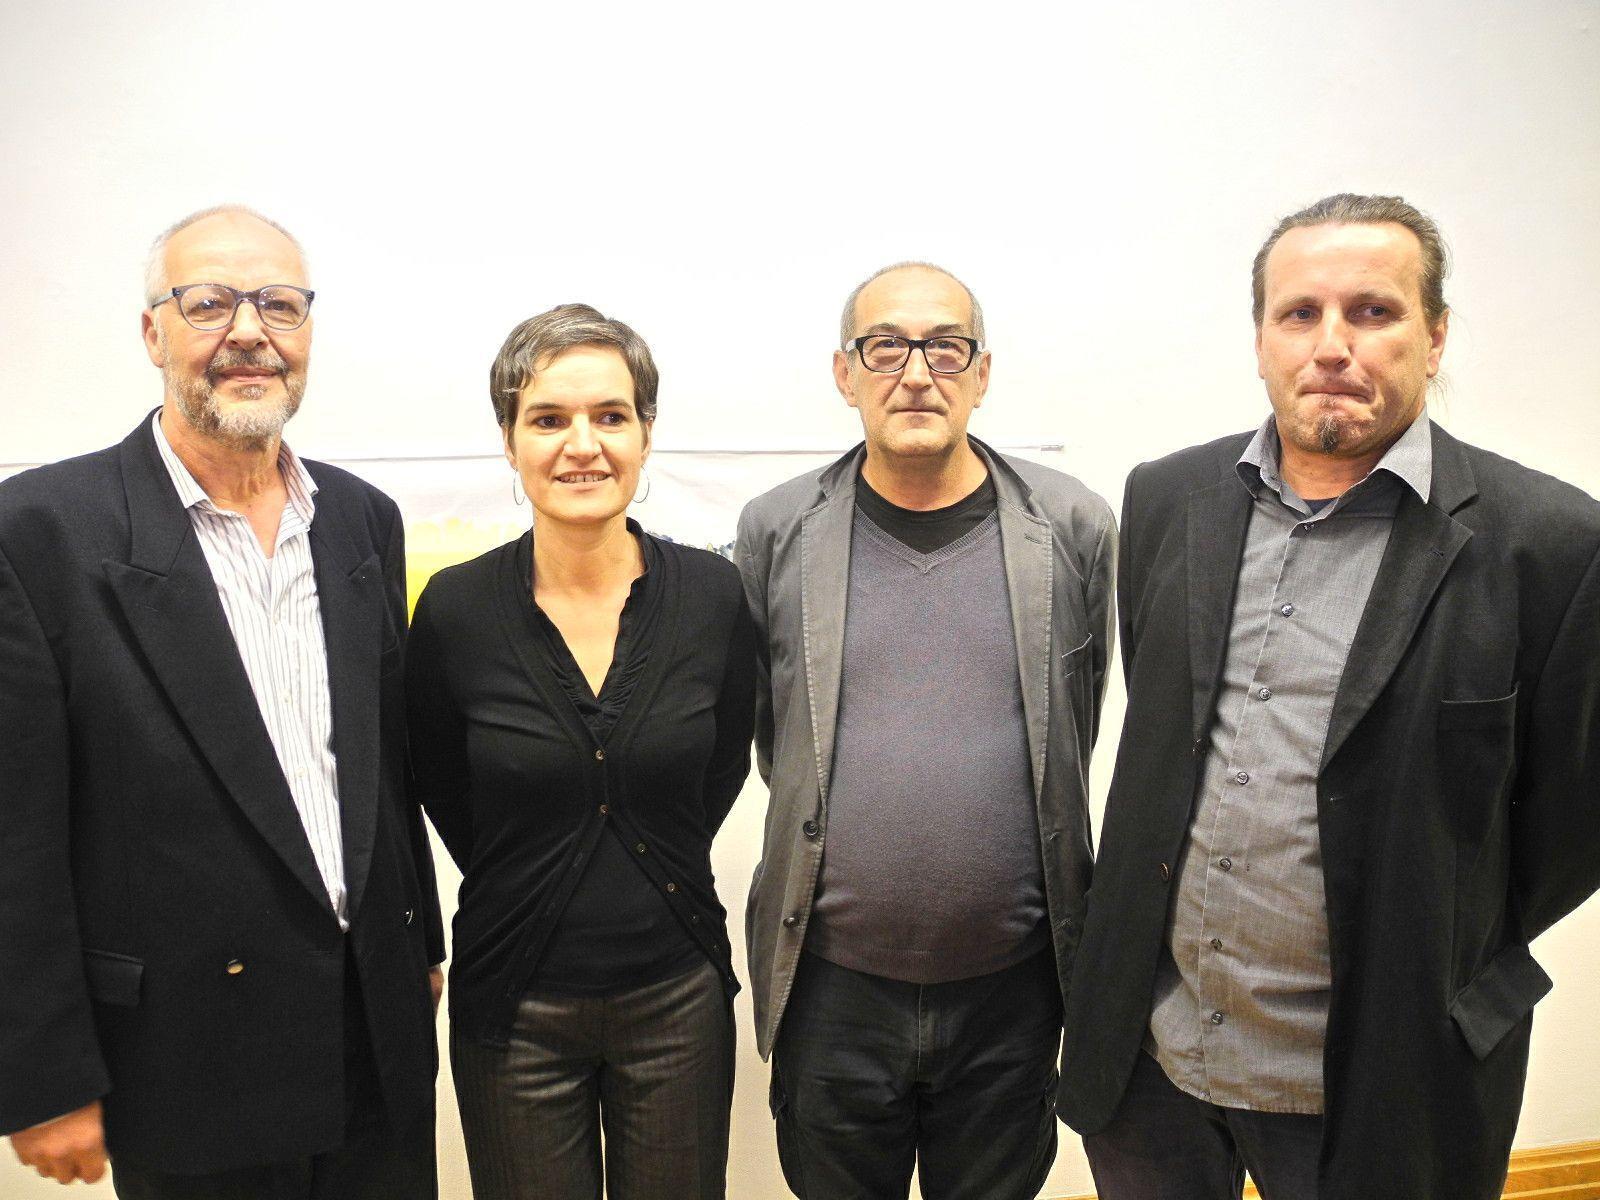 (l.) Die vier Künstler Hubert Lampert, Doris Fend, Hubert Matt und Fridolin Welte zeigen im Palais Liechtenstein ihre Werke